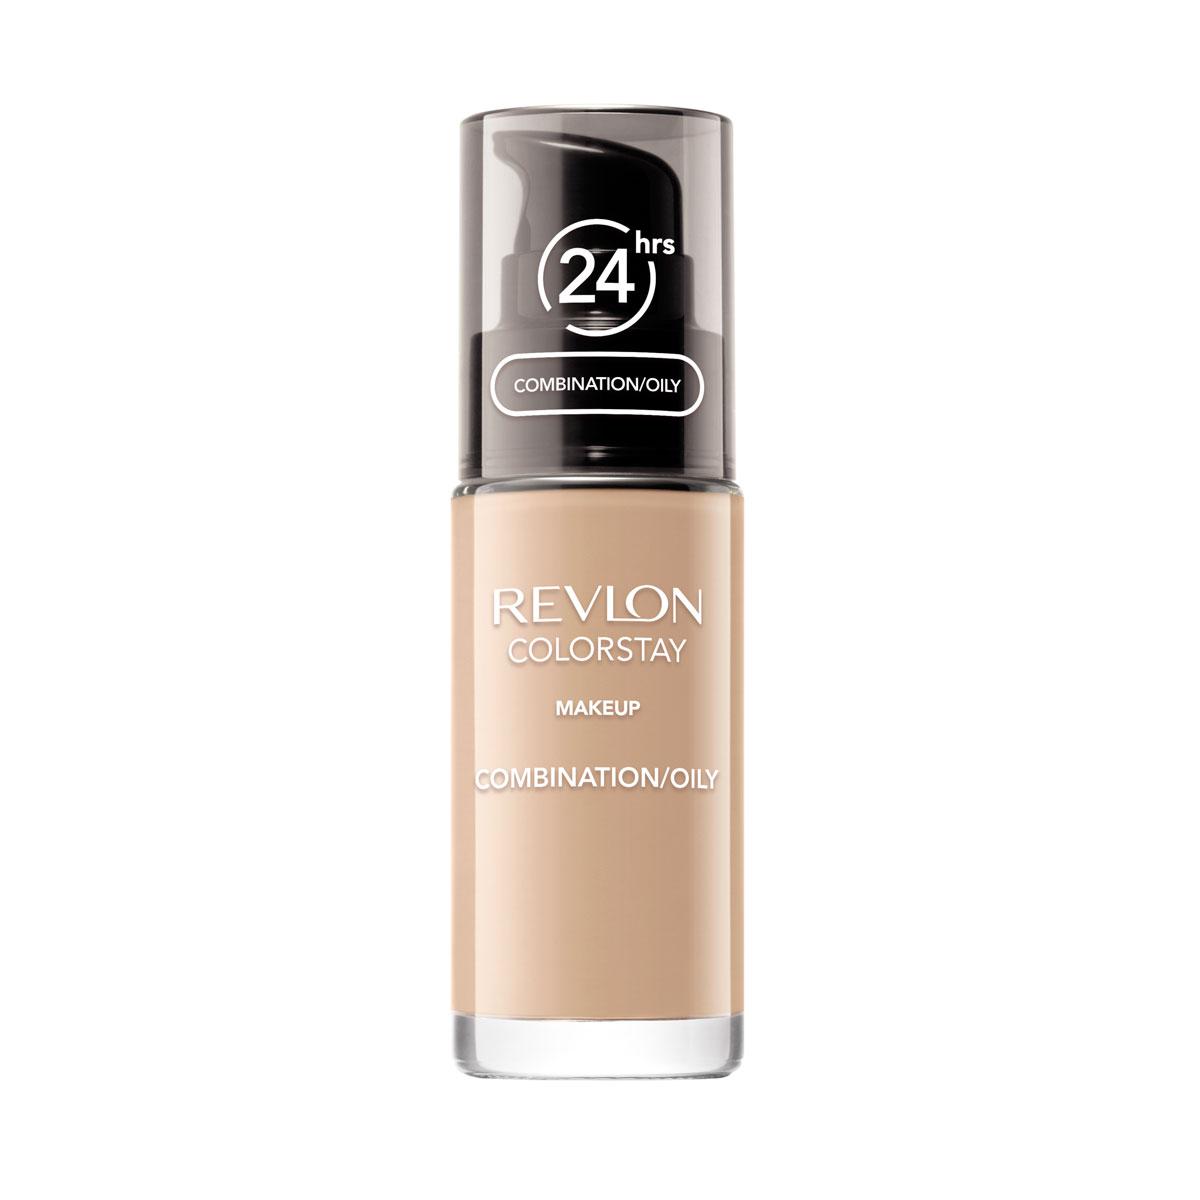 Revlon Тональный Крем для Комб-Жирн Кожи Colorstay Makeup For Combination-Oily Skin Fresh beige 250 30 мл7221552007Make Up For Combination / Oily Skin - тональный крем с удивительно легкой текстурой идеально выравнивает тон и рельеф кожи, защищает от появления жирного блеска. Colorstay дарит коже приятную матовость, сохраняет макияж безупречным надолго.Новая технология поддерживает баланс кожи, обеспечивая свежий и естественный вид. Продукт номер 1 по стойкости, обеспечивает идеальное покрытие в течение 24 часов без повторного нанесения! Предназначен для смешанной и жирной кожи.